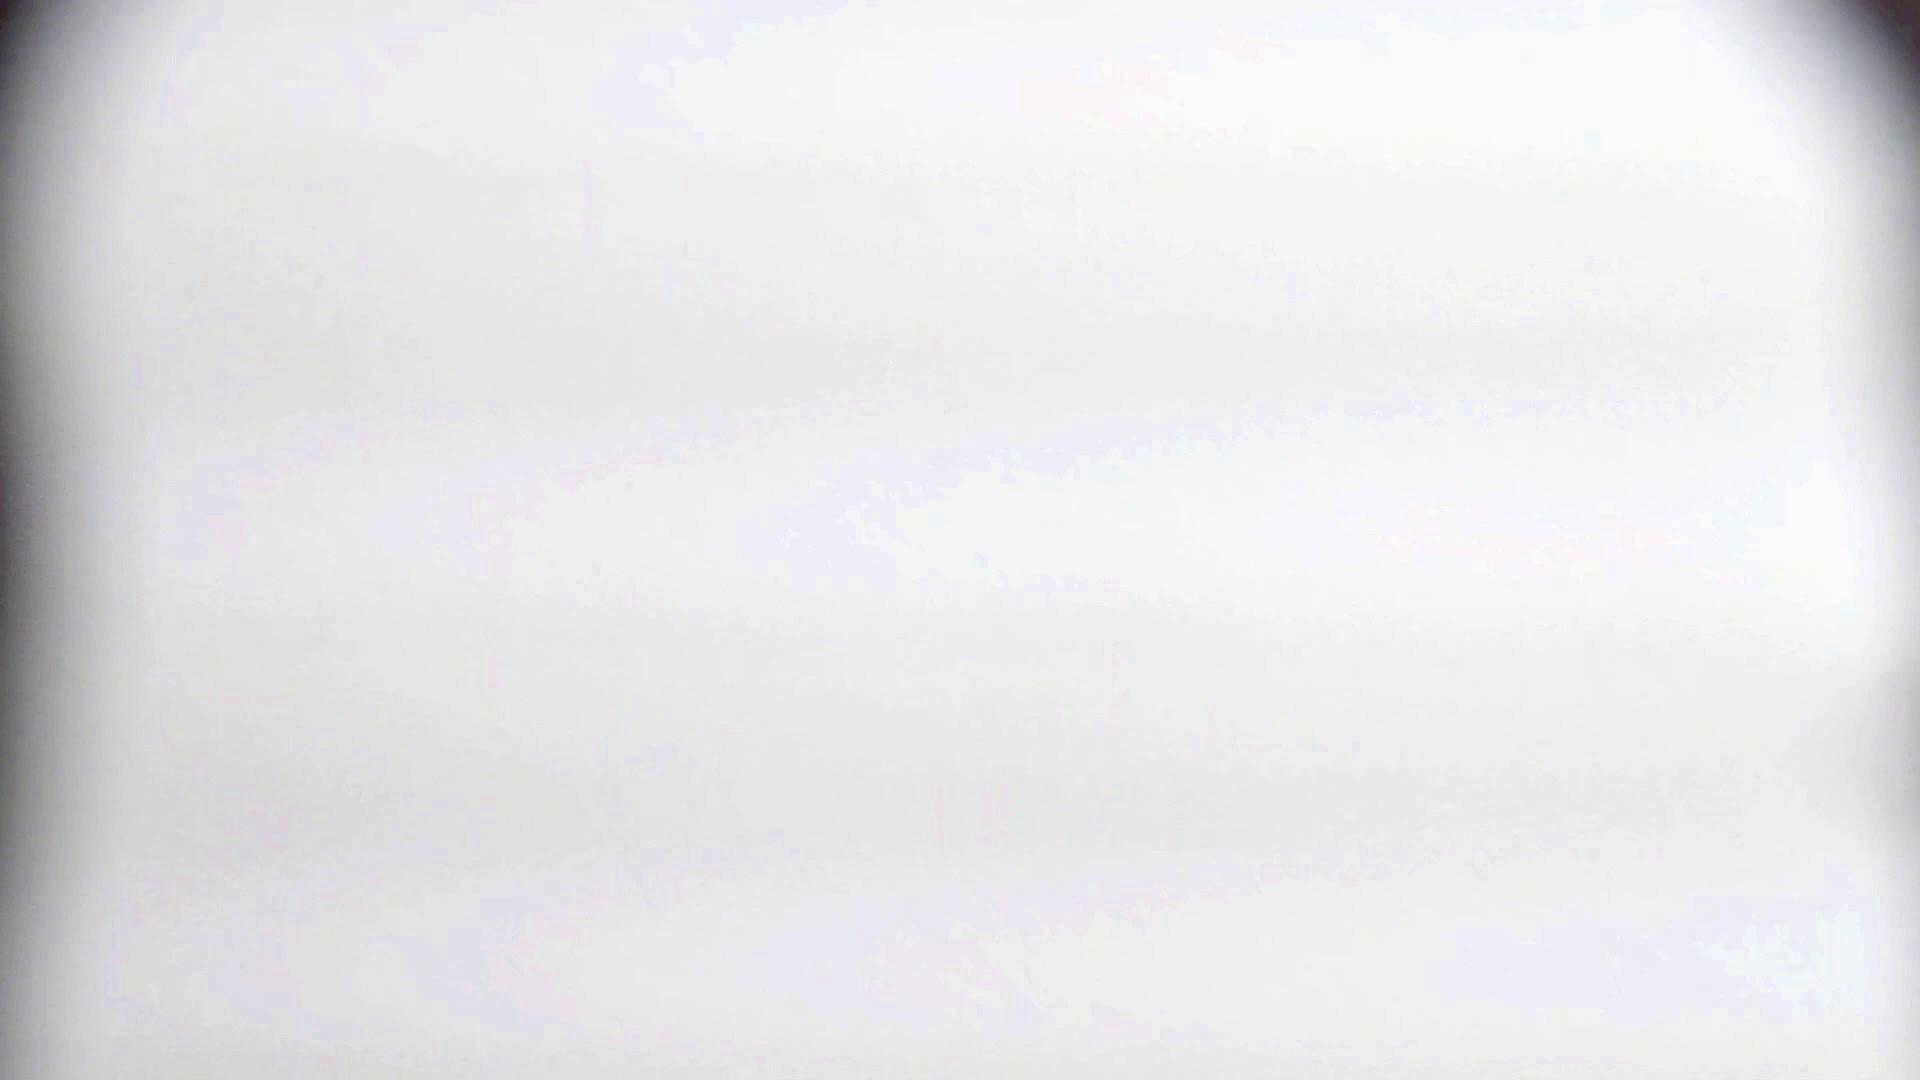 別冊「洗面所突入レポート!!」【閲覧注意!】シート的な物に興味のある方のみ! 美人 | 洗面所  49連発 29